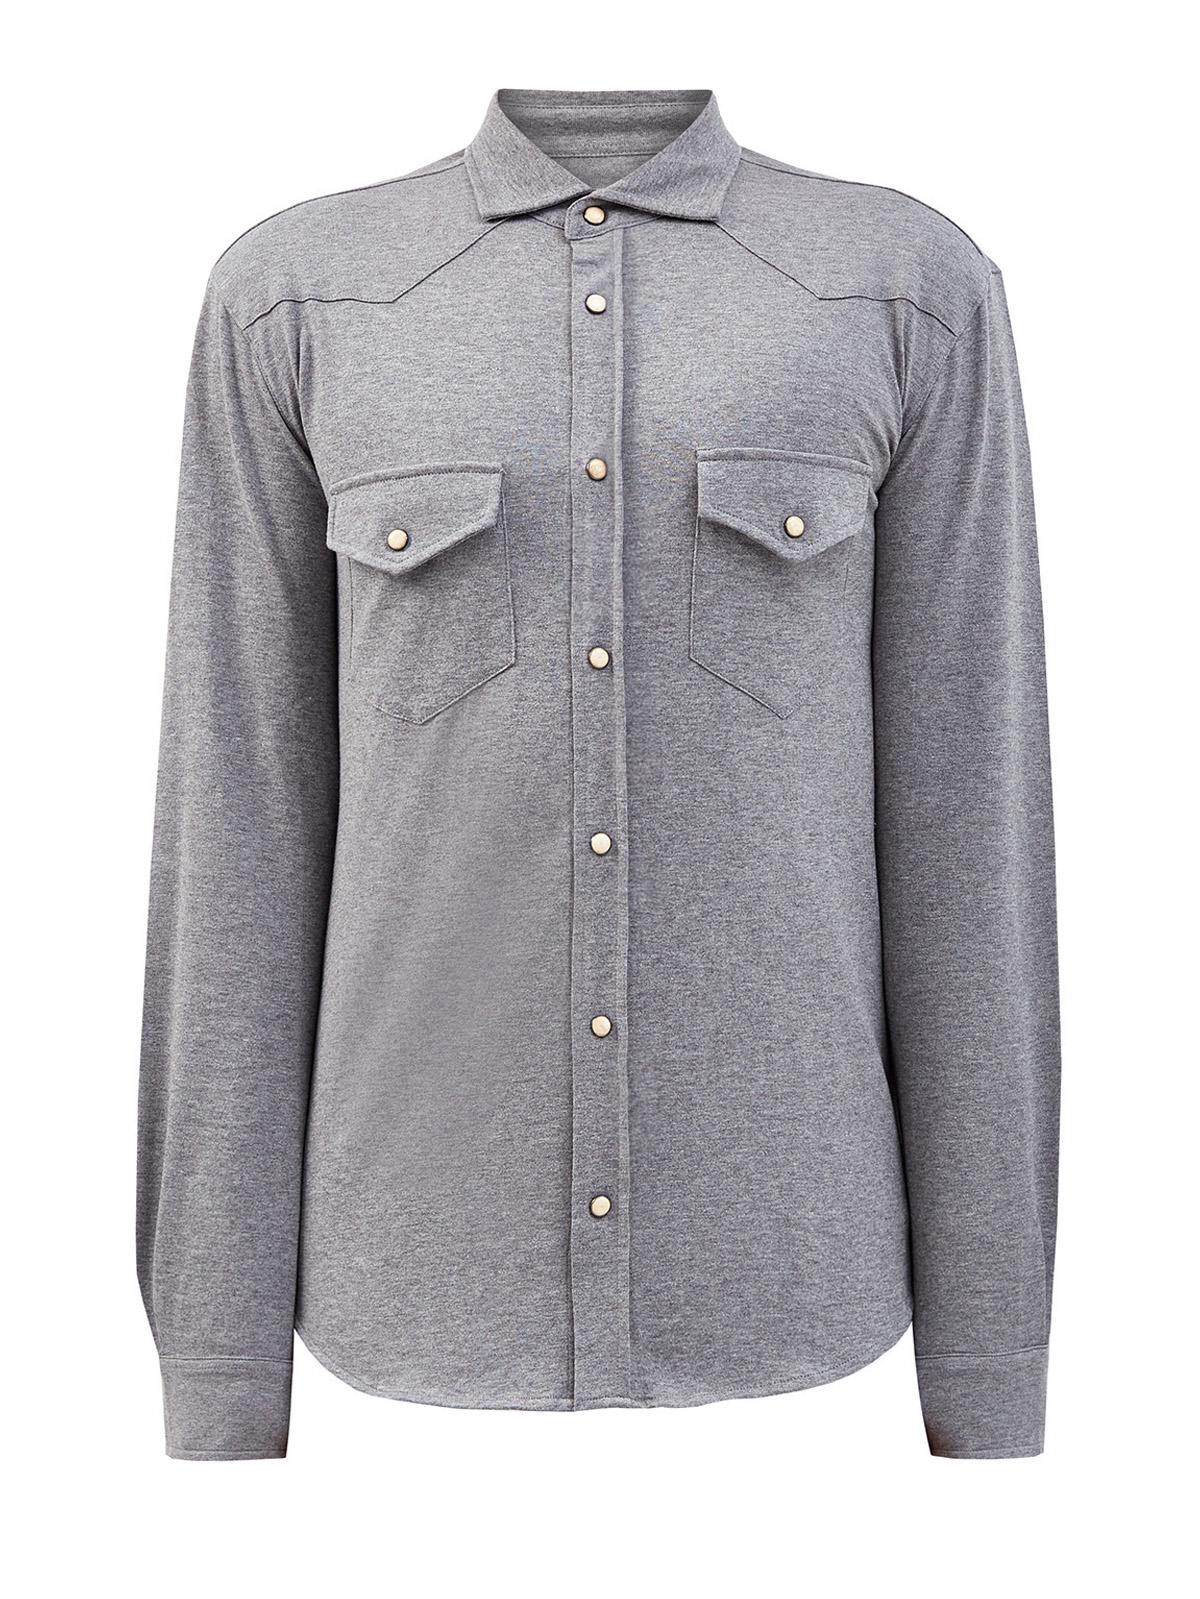 Хлопковая рубашка собъемными швами имеланжевым эффектом